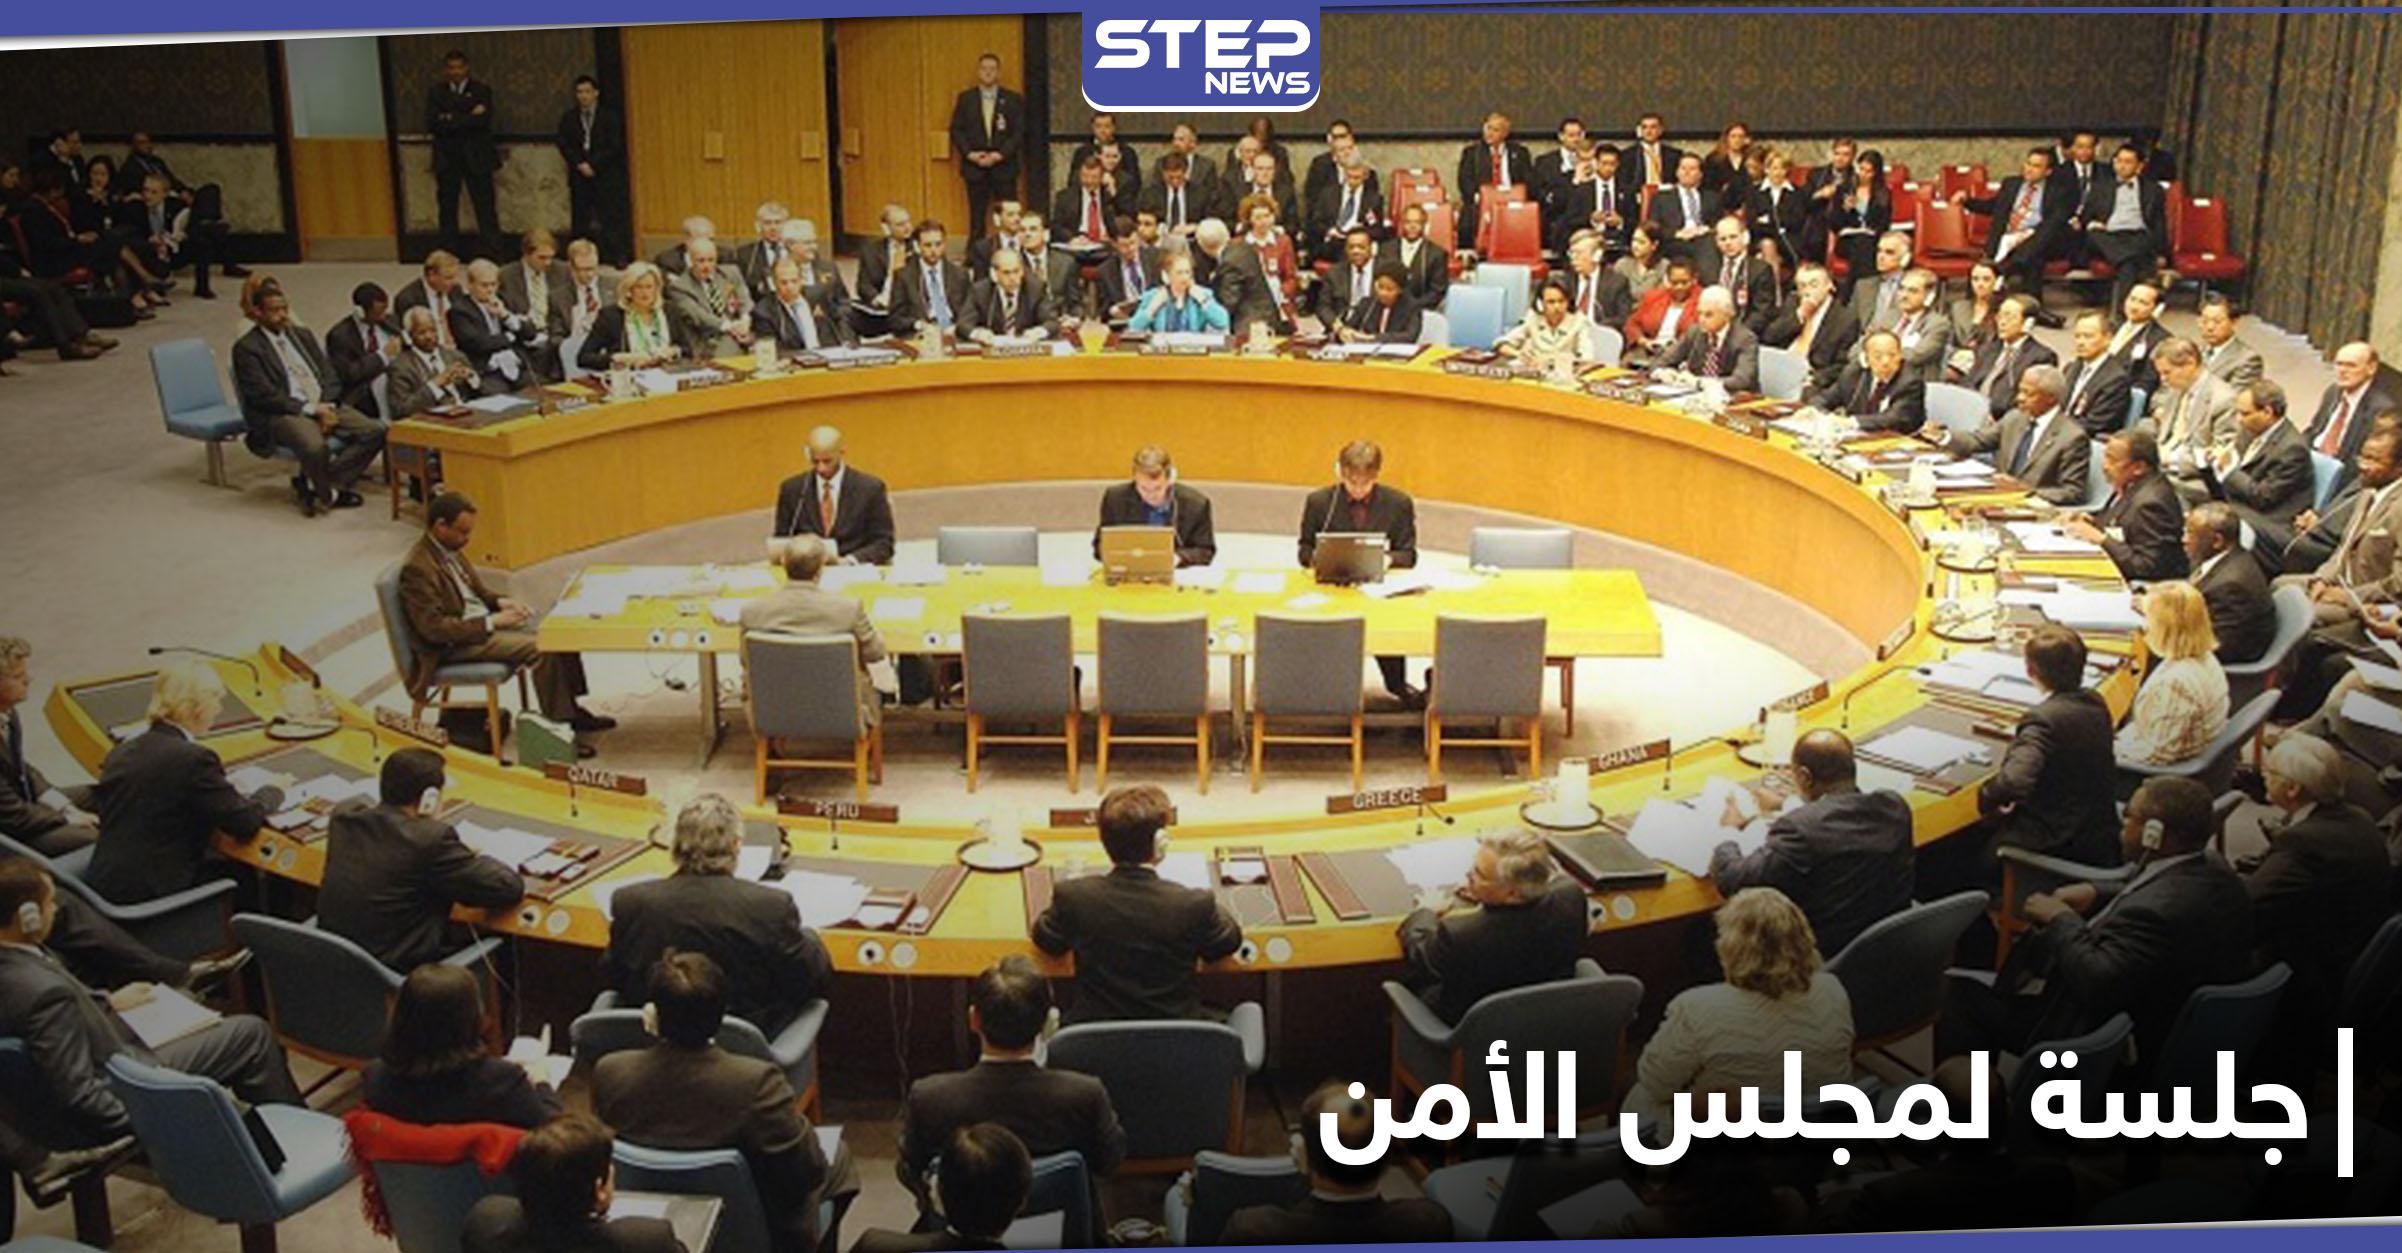 مجلس الأمن يعقد جلسة وزارية هامة لتوضيح الرؤية الروسية